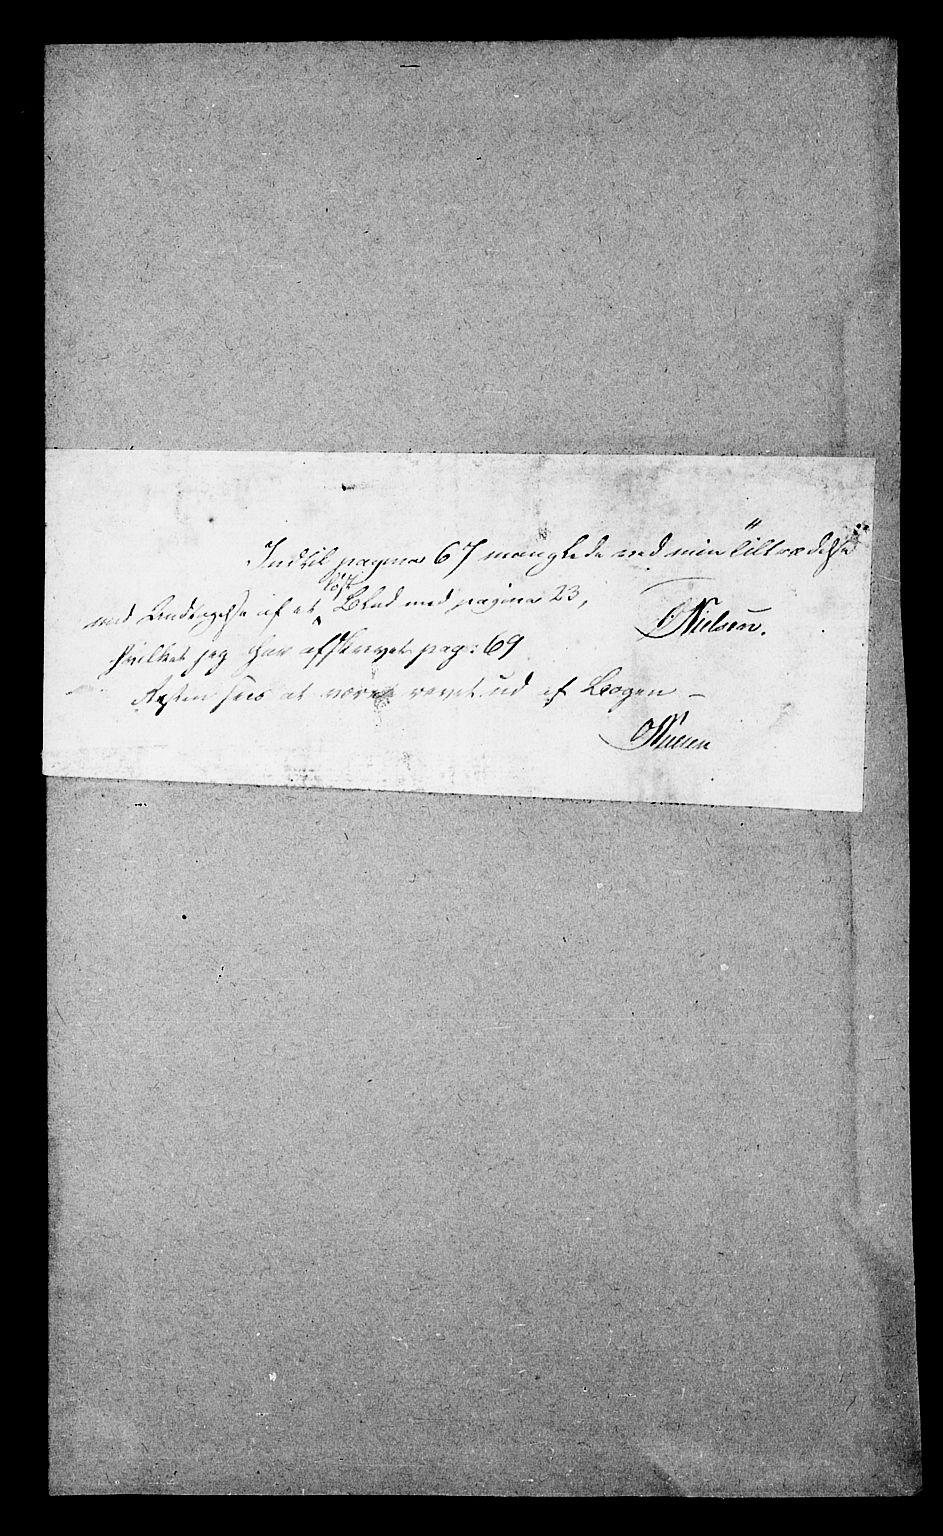 SAKO, Eidanger kirkebøker, F/Fa/L0005: Ministerialbok nr. 5, 1760-1764